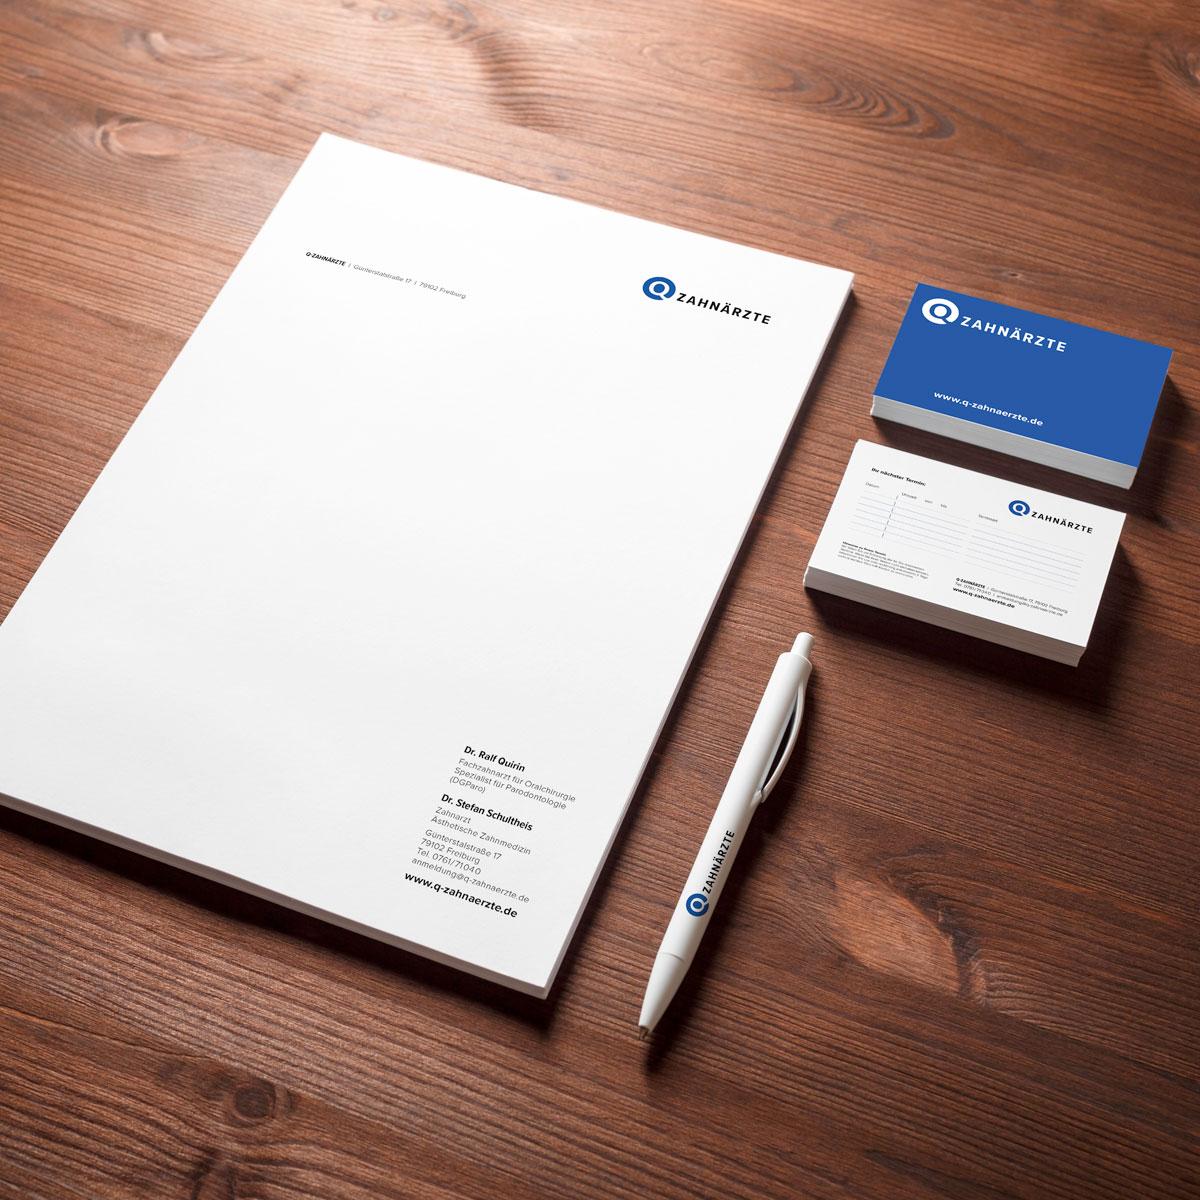 Neue Geschäftsausstattung im neuen Corporate Design der Q-Zahnärzte: Beispiel Visitenkarten und Briefbögen